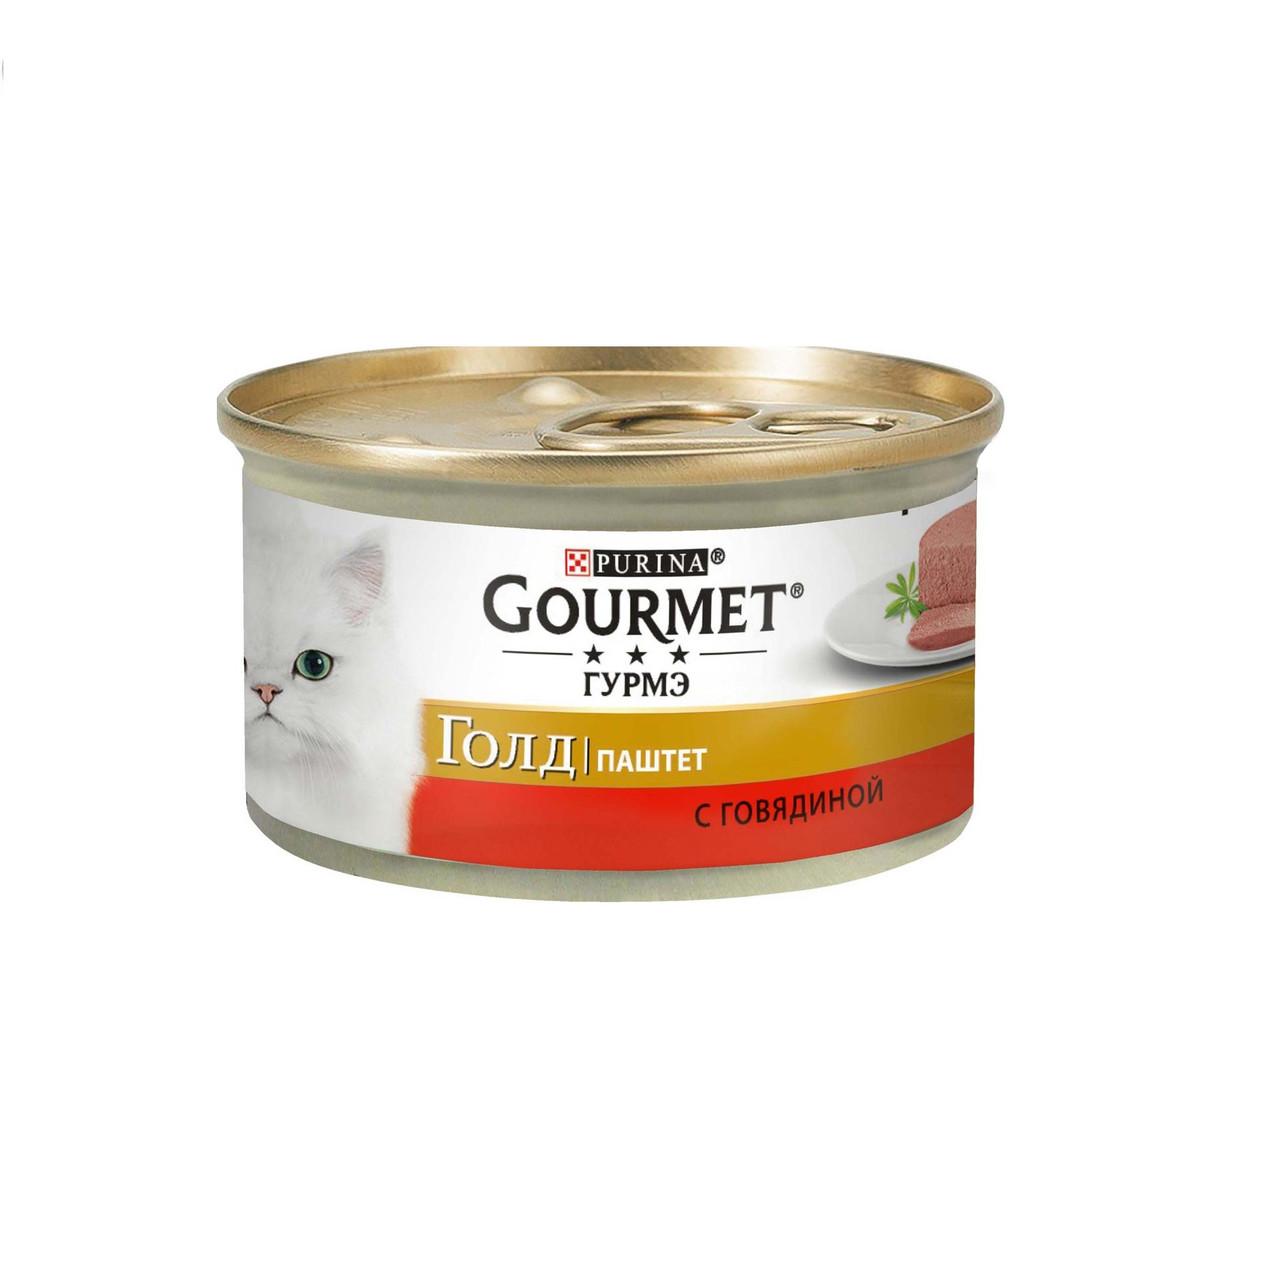 Gourmet Gold паштет с говядиной, банка 85 гр.